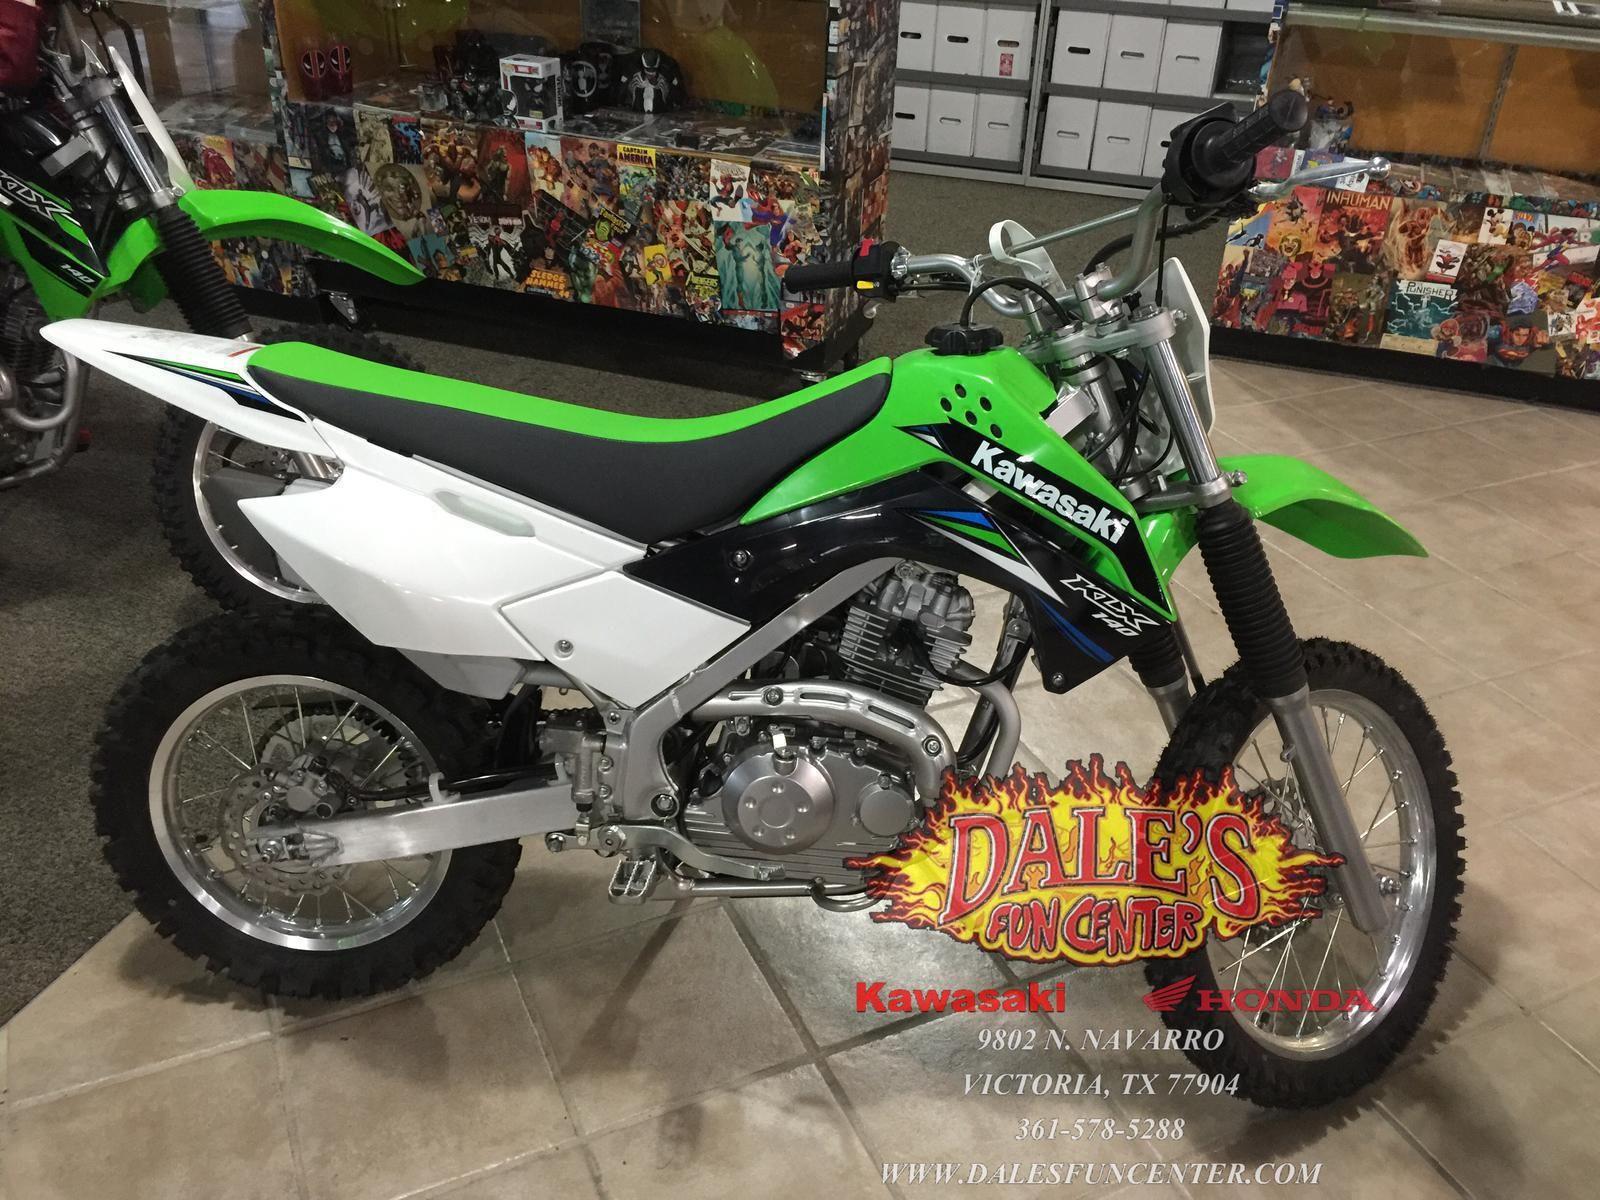 2014 Kawasaki Klx 140 Kawasaki Dirt Bikes Dirtbikes Kawasaki